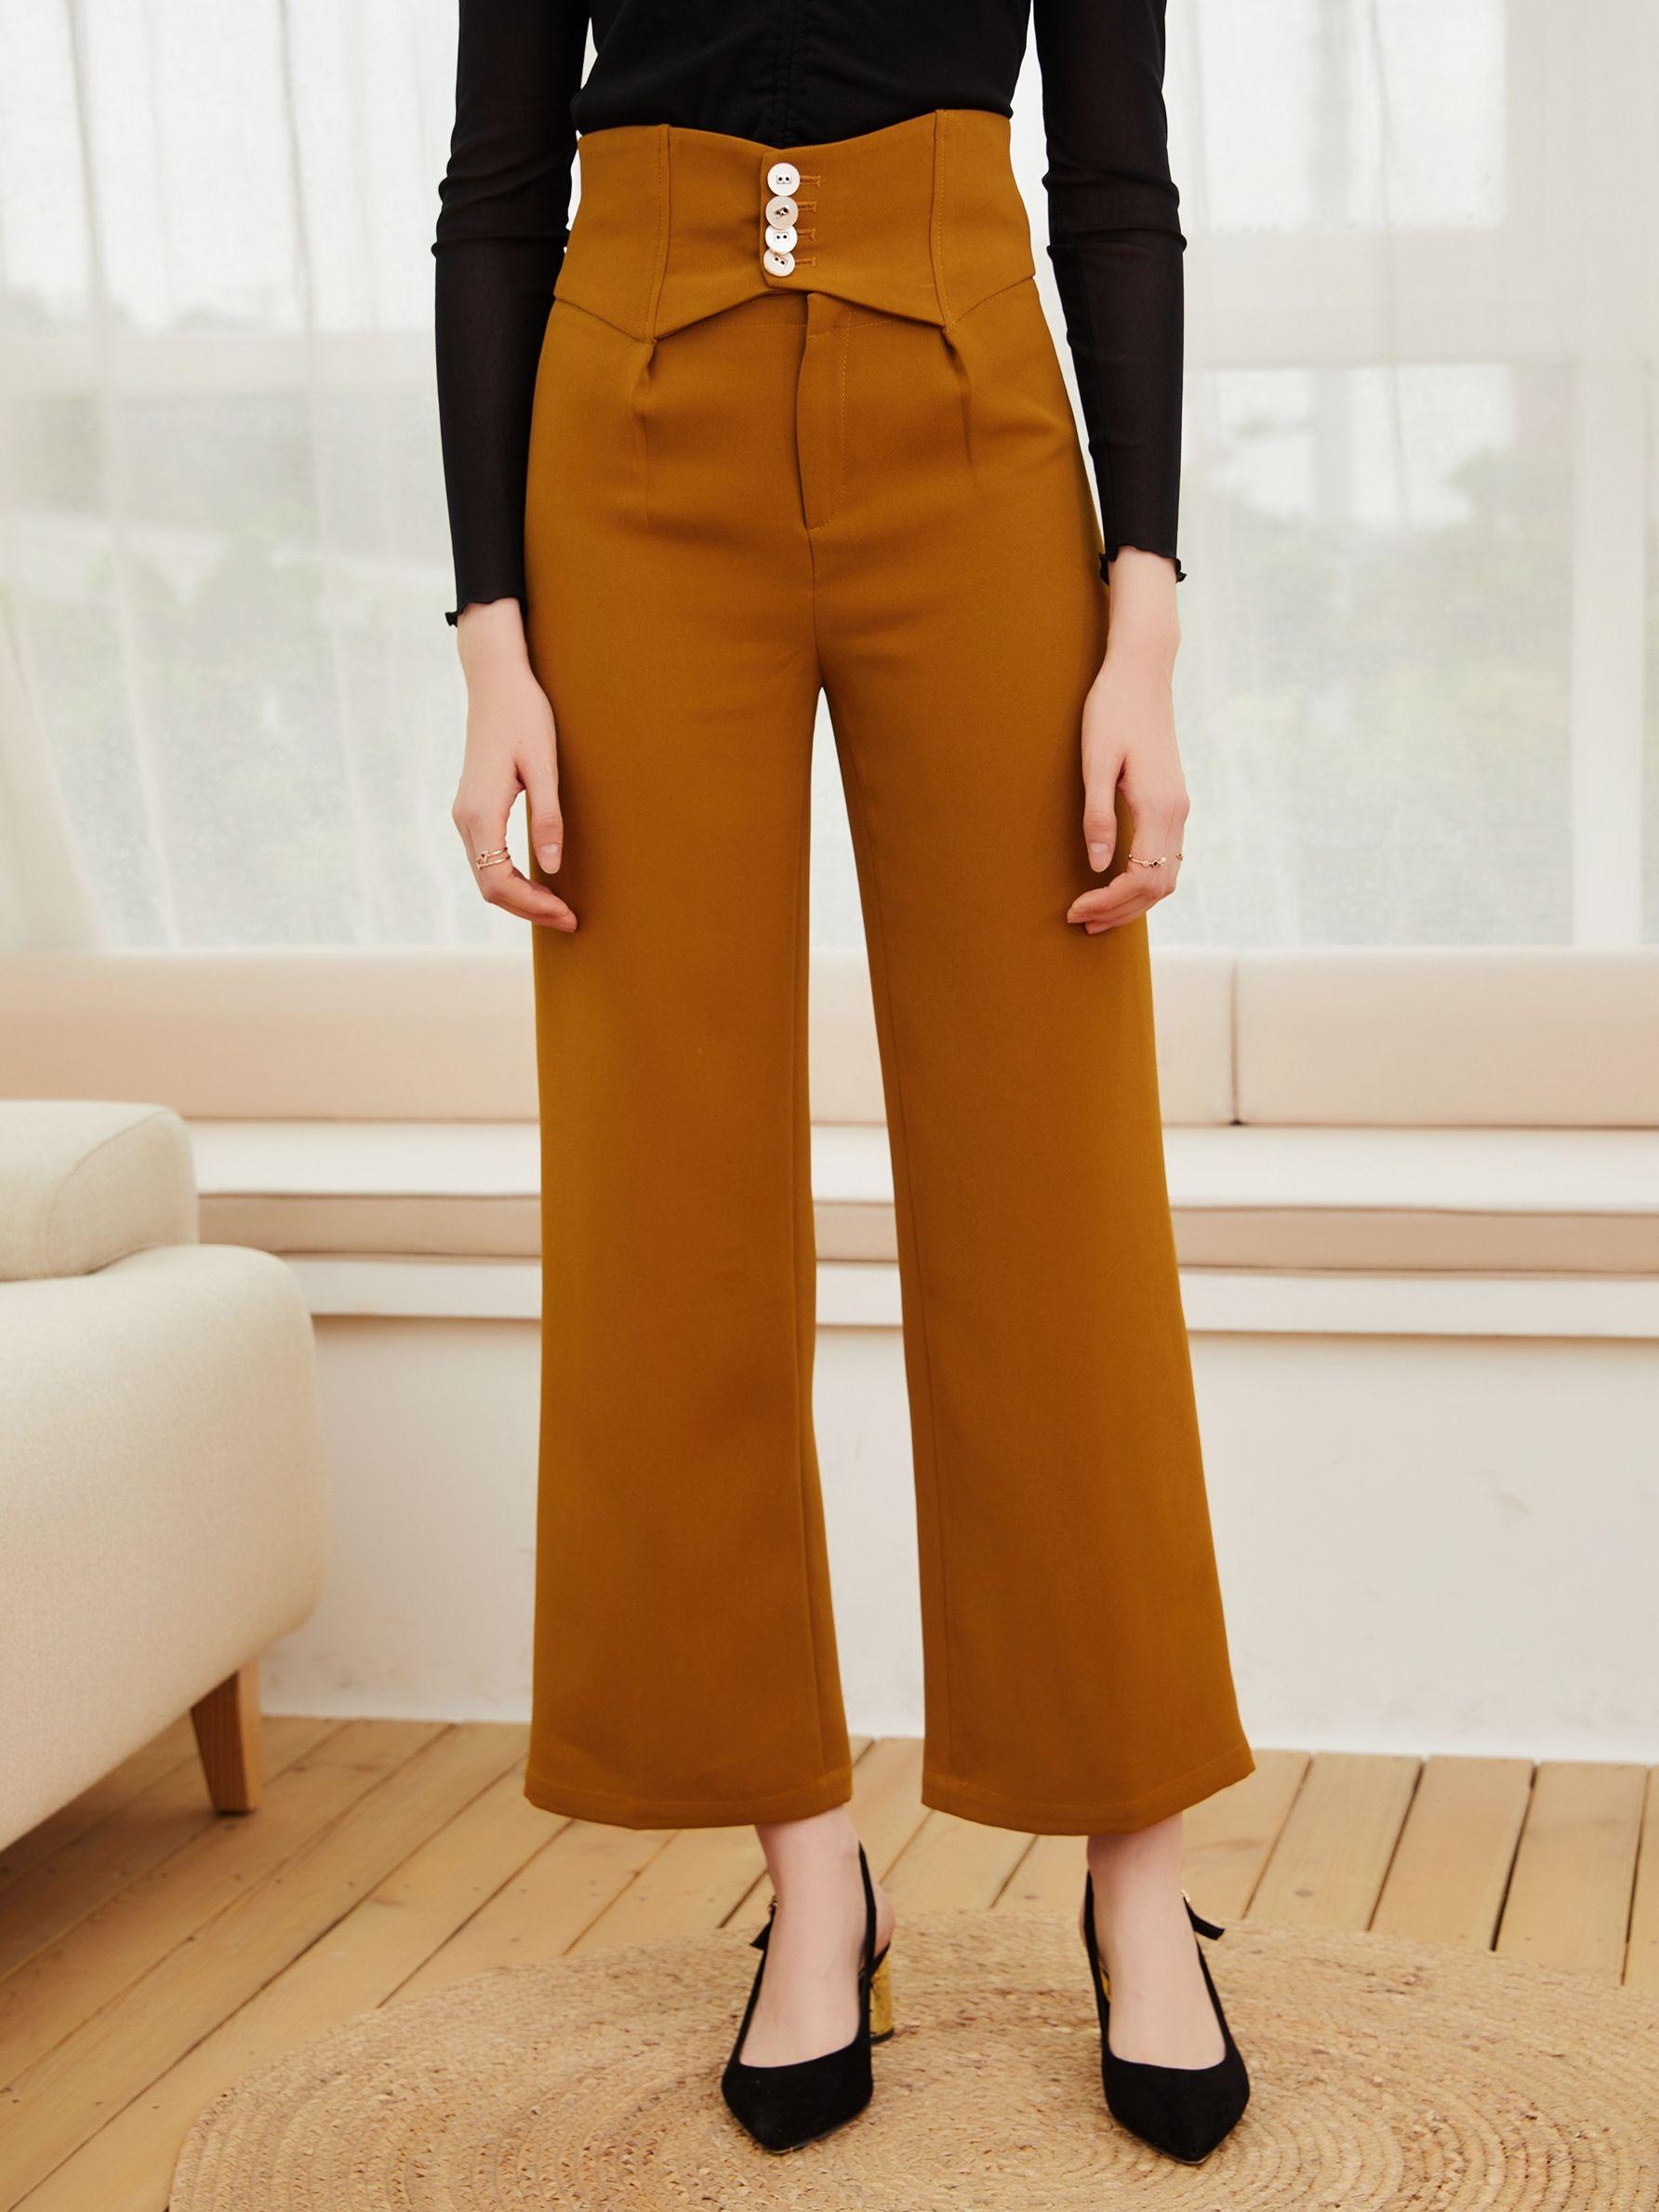 Строгий бренд женской одежды 2021 ВЕСНА Новинка осени удобные одноцветные штаны прямые брюки с высокой талией для темпераментных женщин